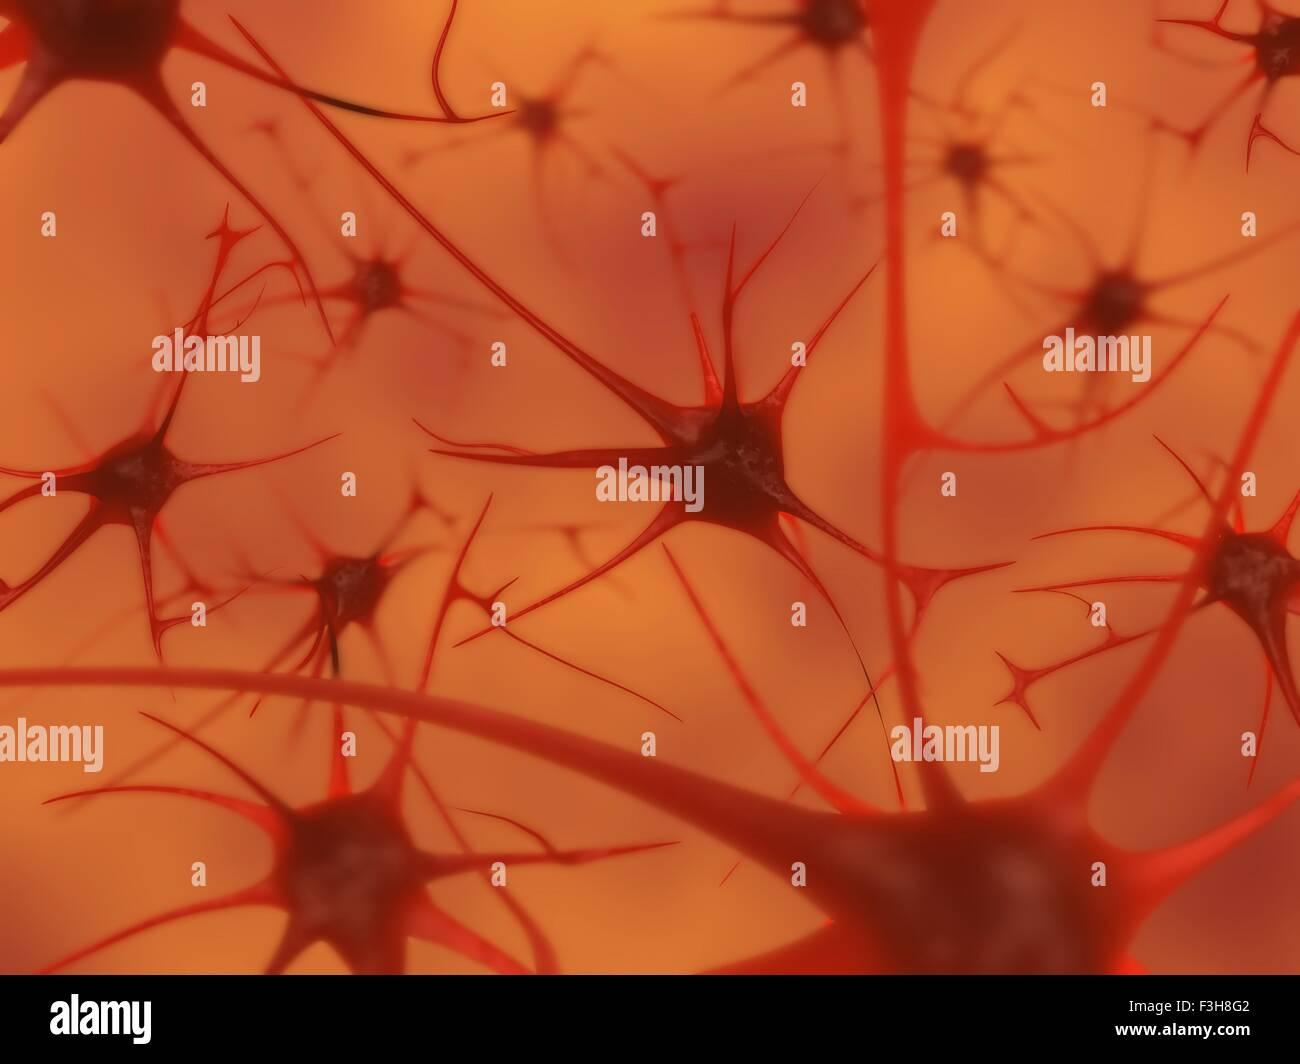 Ilustración 3D de neuronas en el cerebro Imagen De Stock